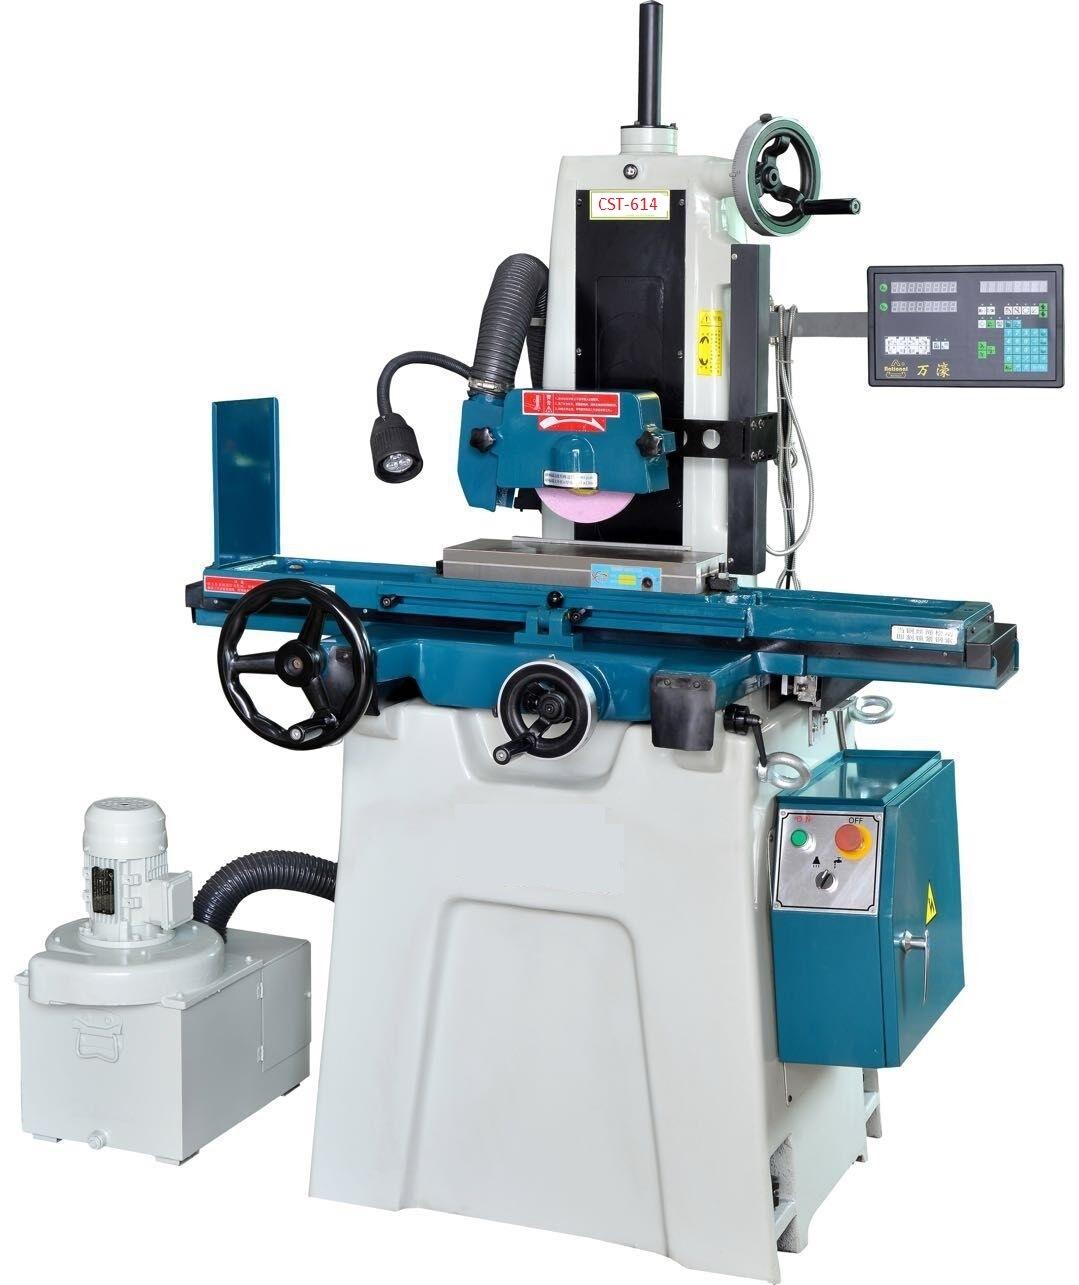 Manuel de précision de la surface de l'équipement de broyage Cst-614